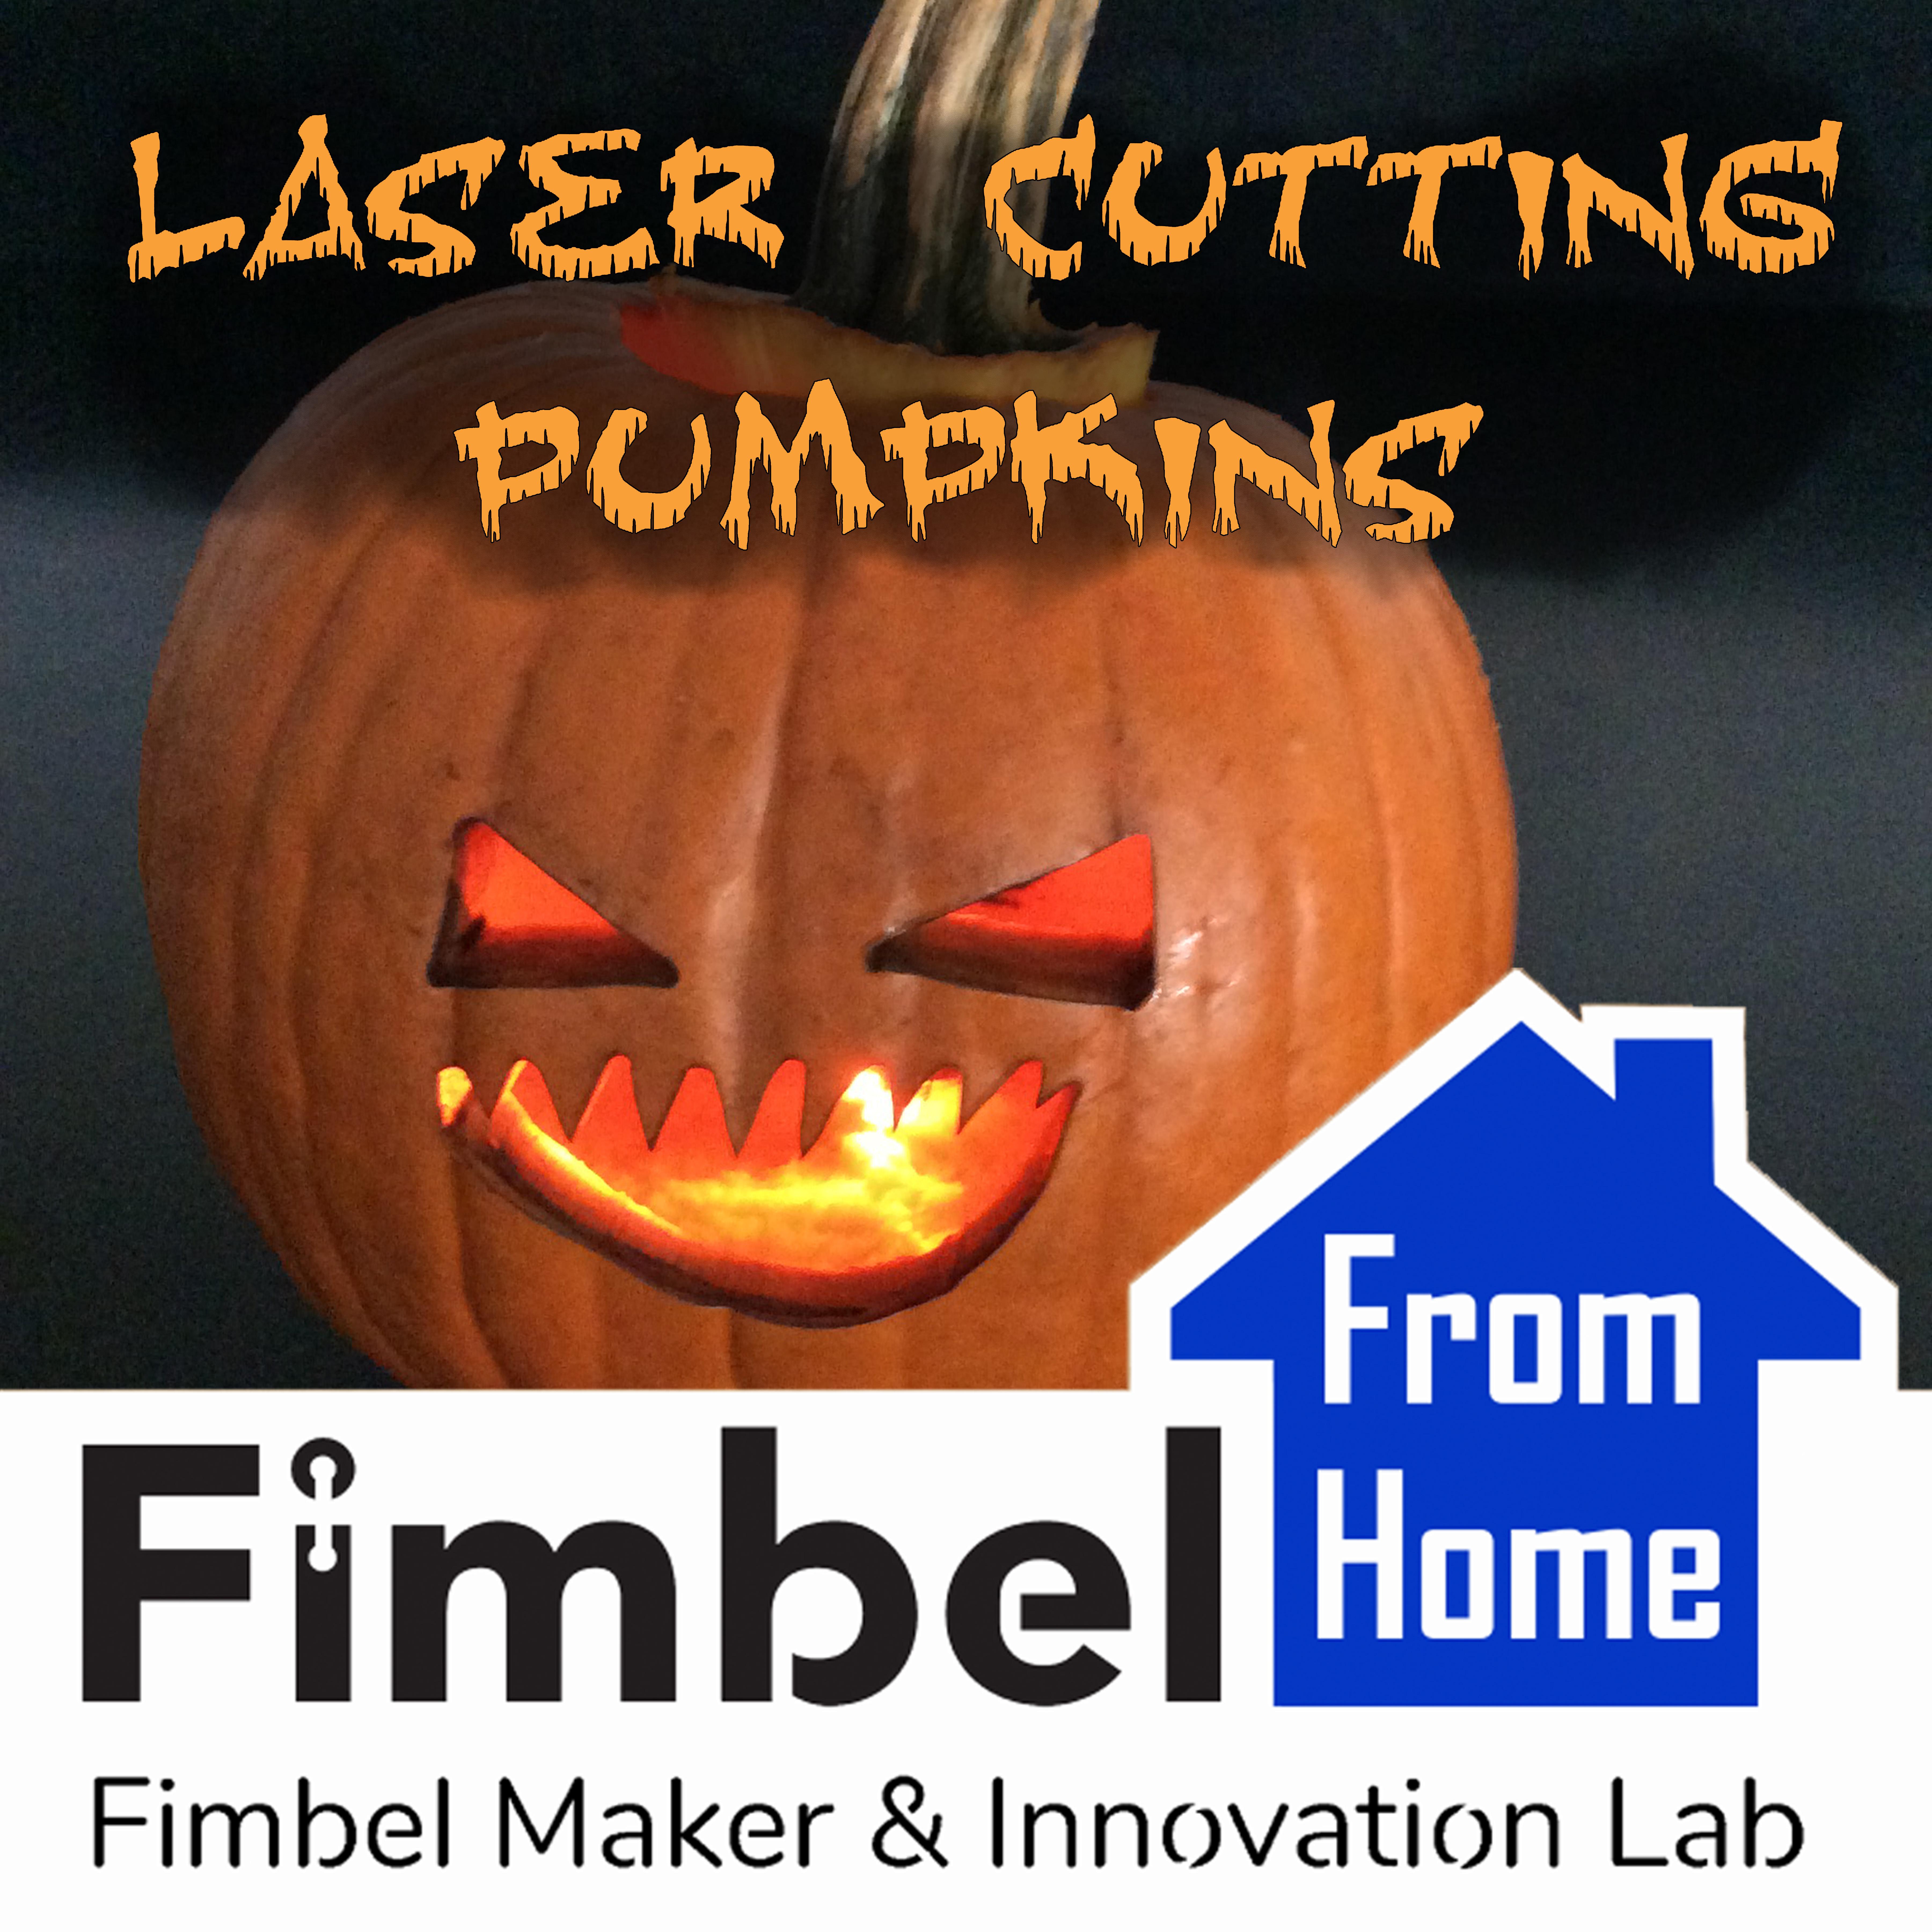 Fimbel From Home: Laser Cutting Pumpkins